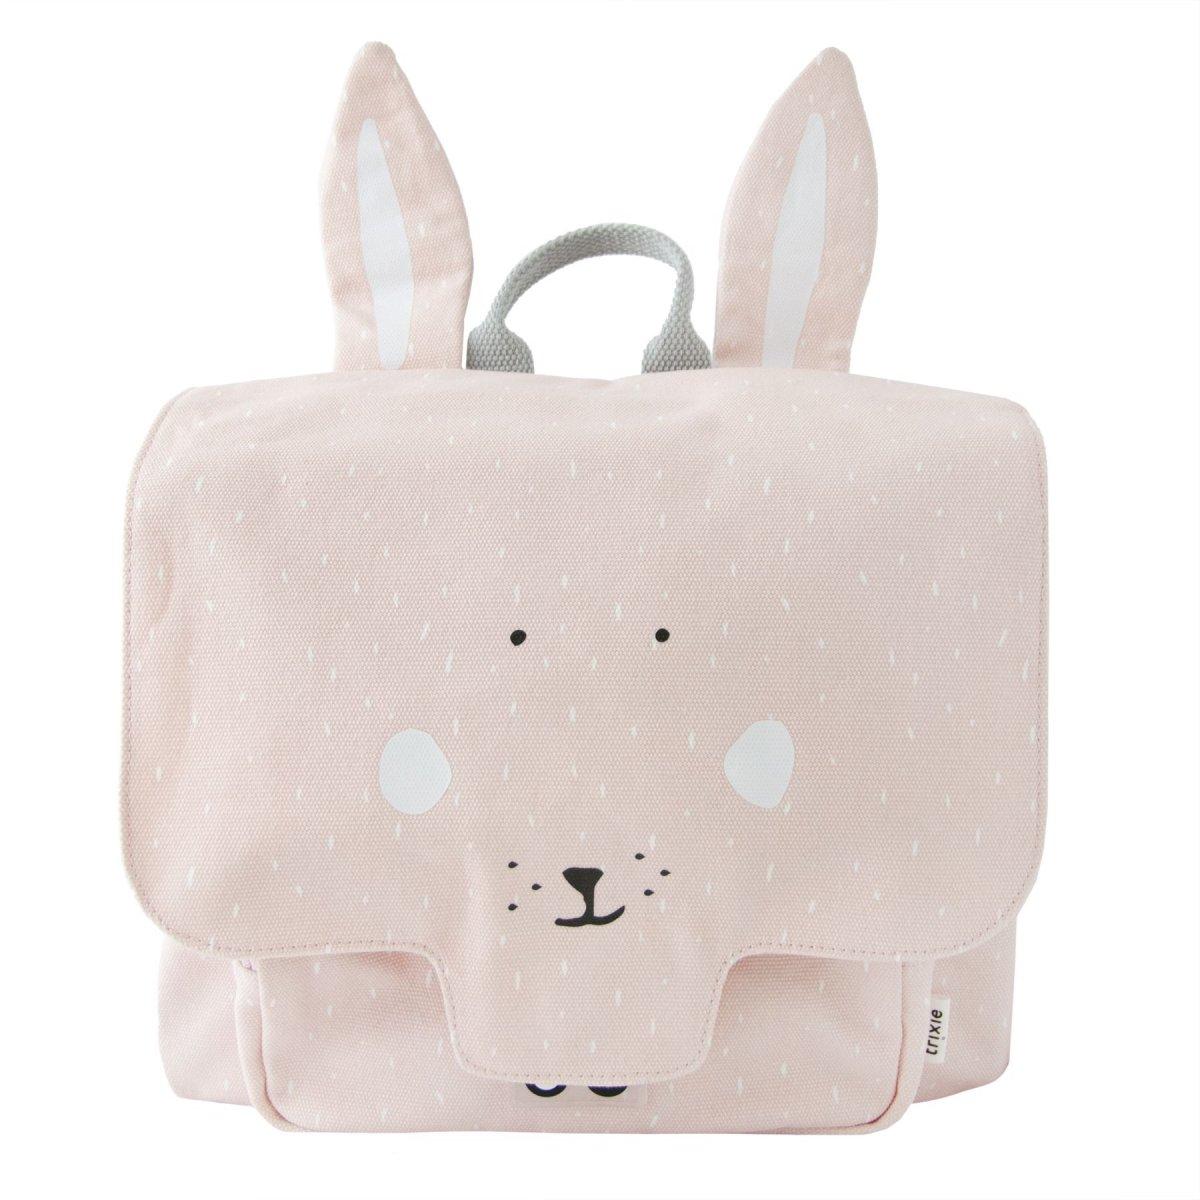 Cartella Asilo Signora Coniglio per bambini in robusta tela di cotone